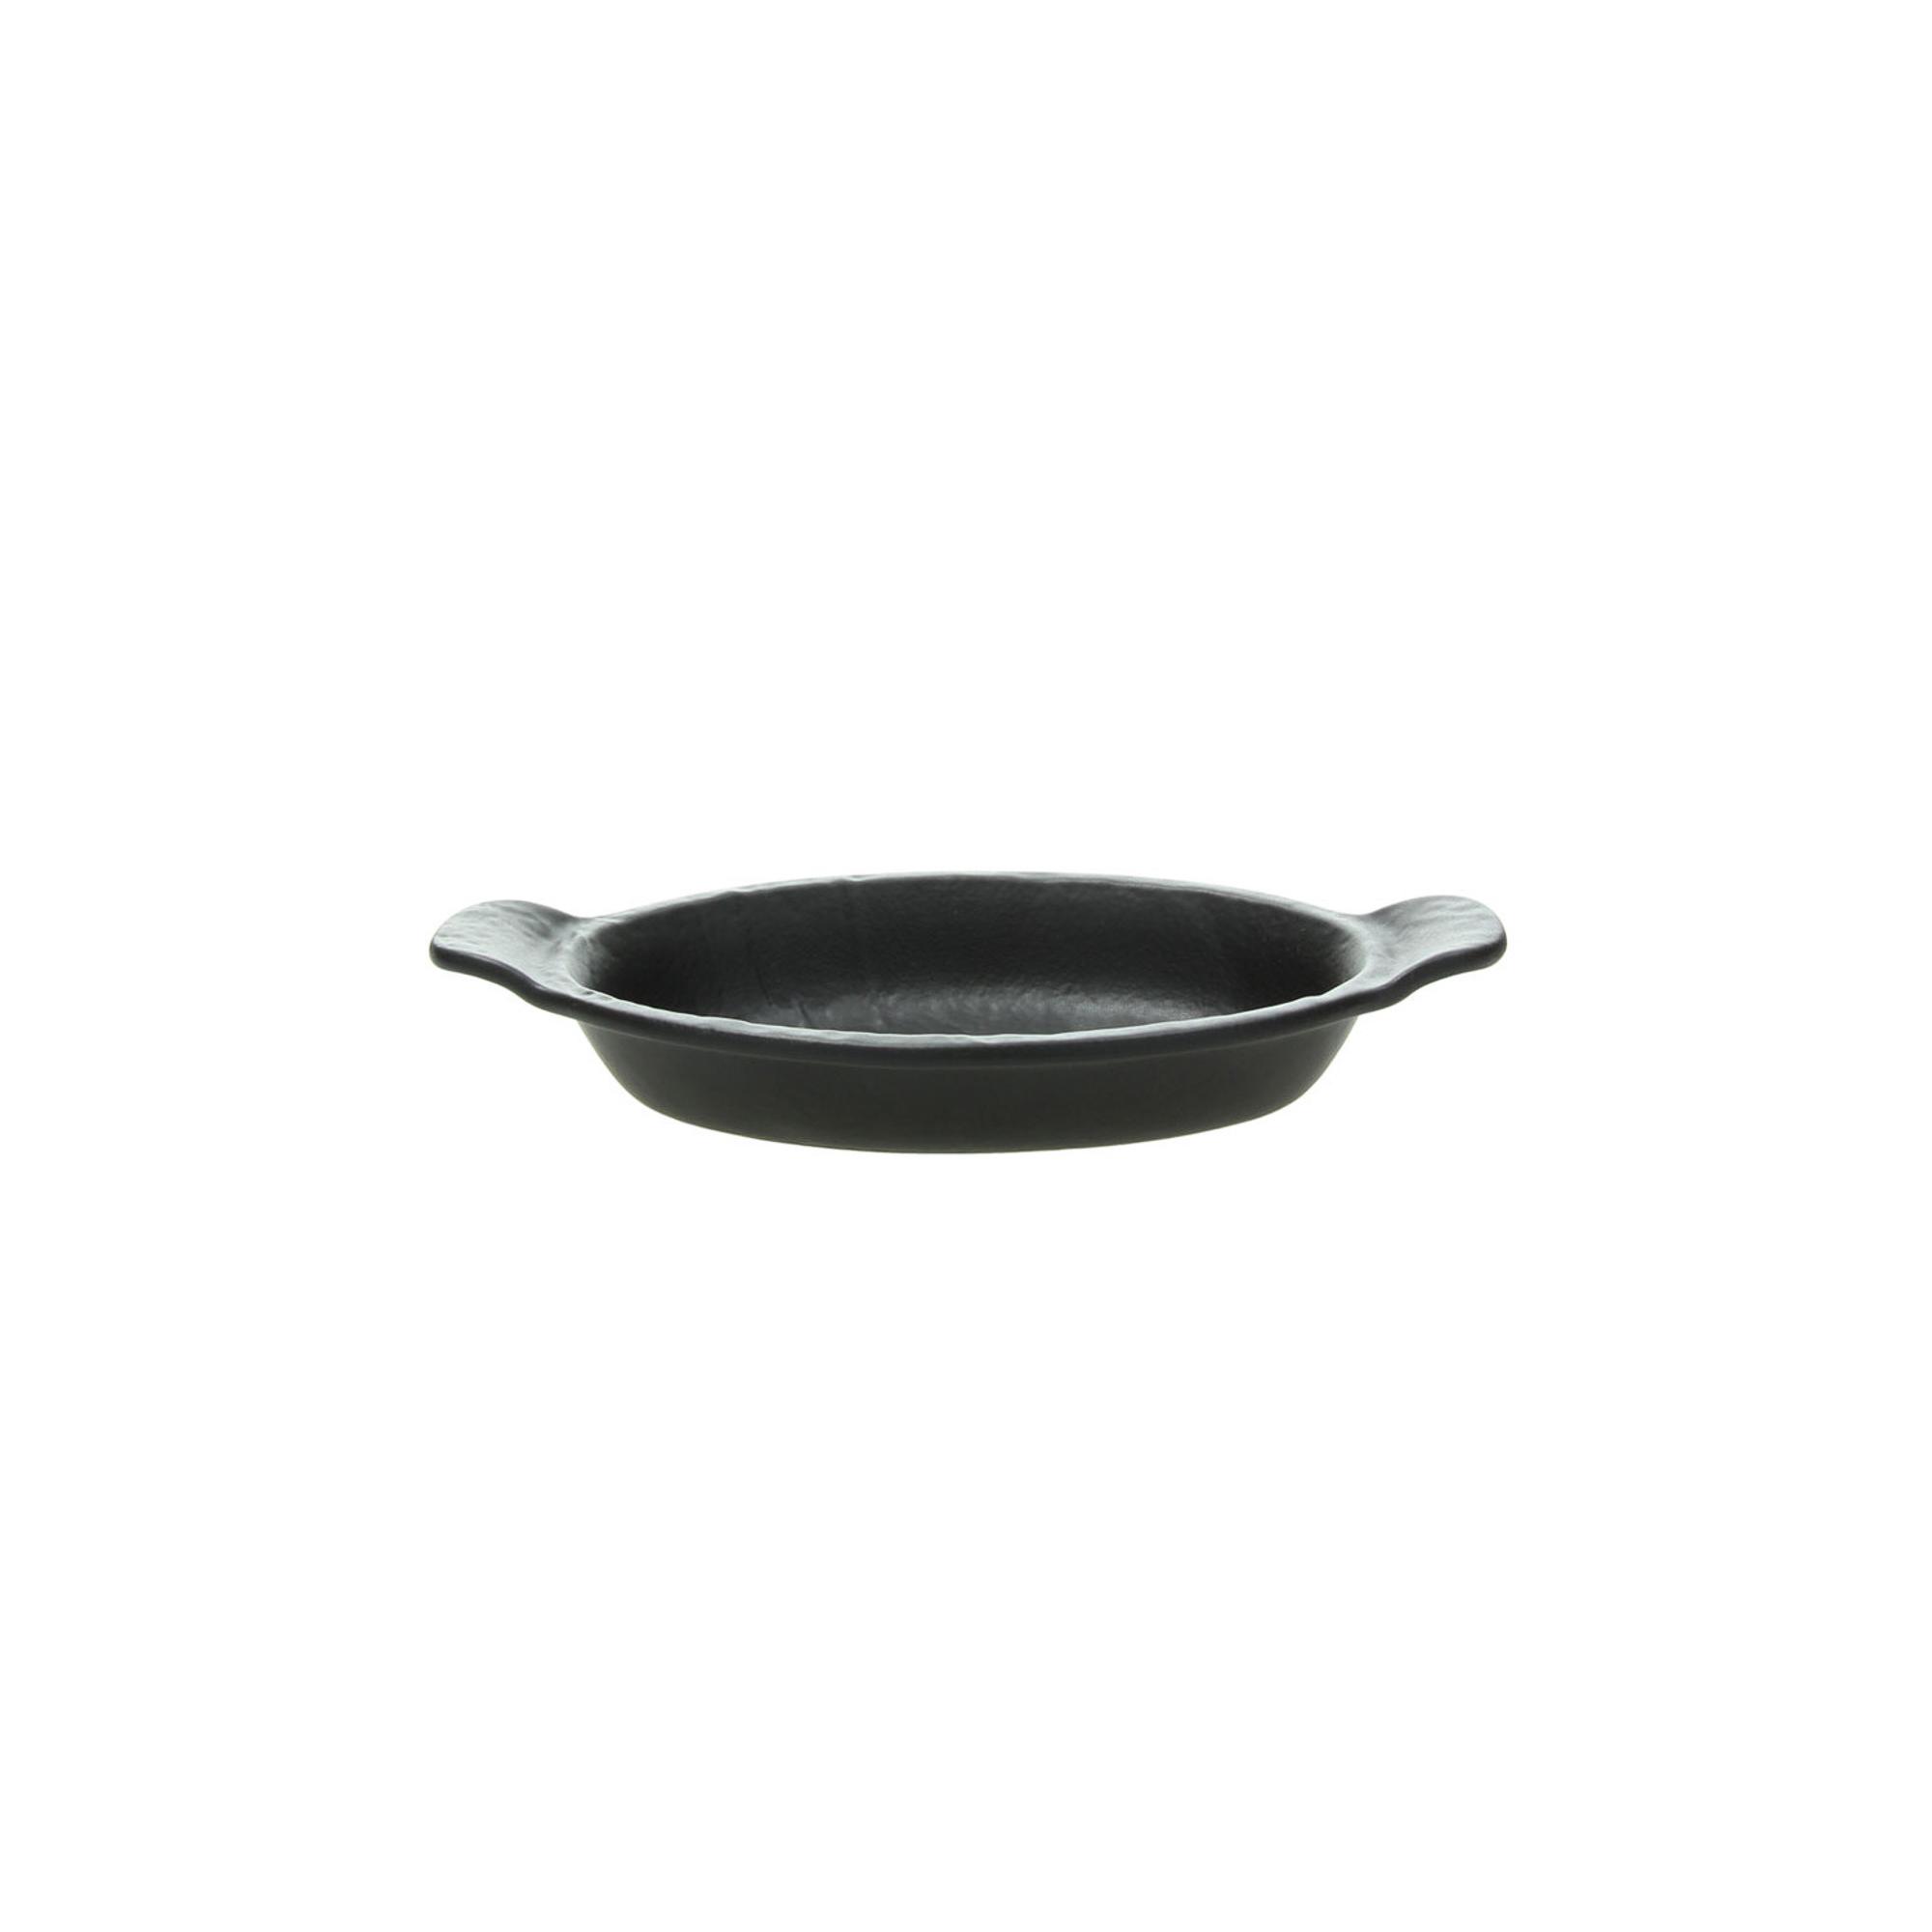 Купить Блюдо для выпекания Tognana Vulcania 23 см, Китай, фарфор